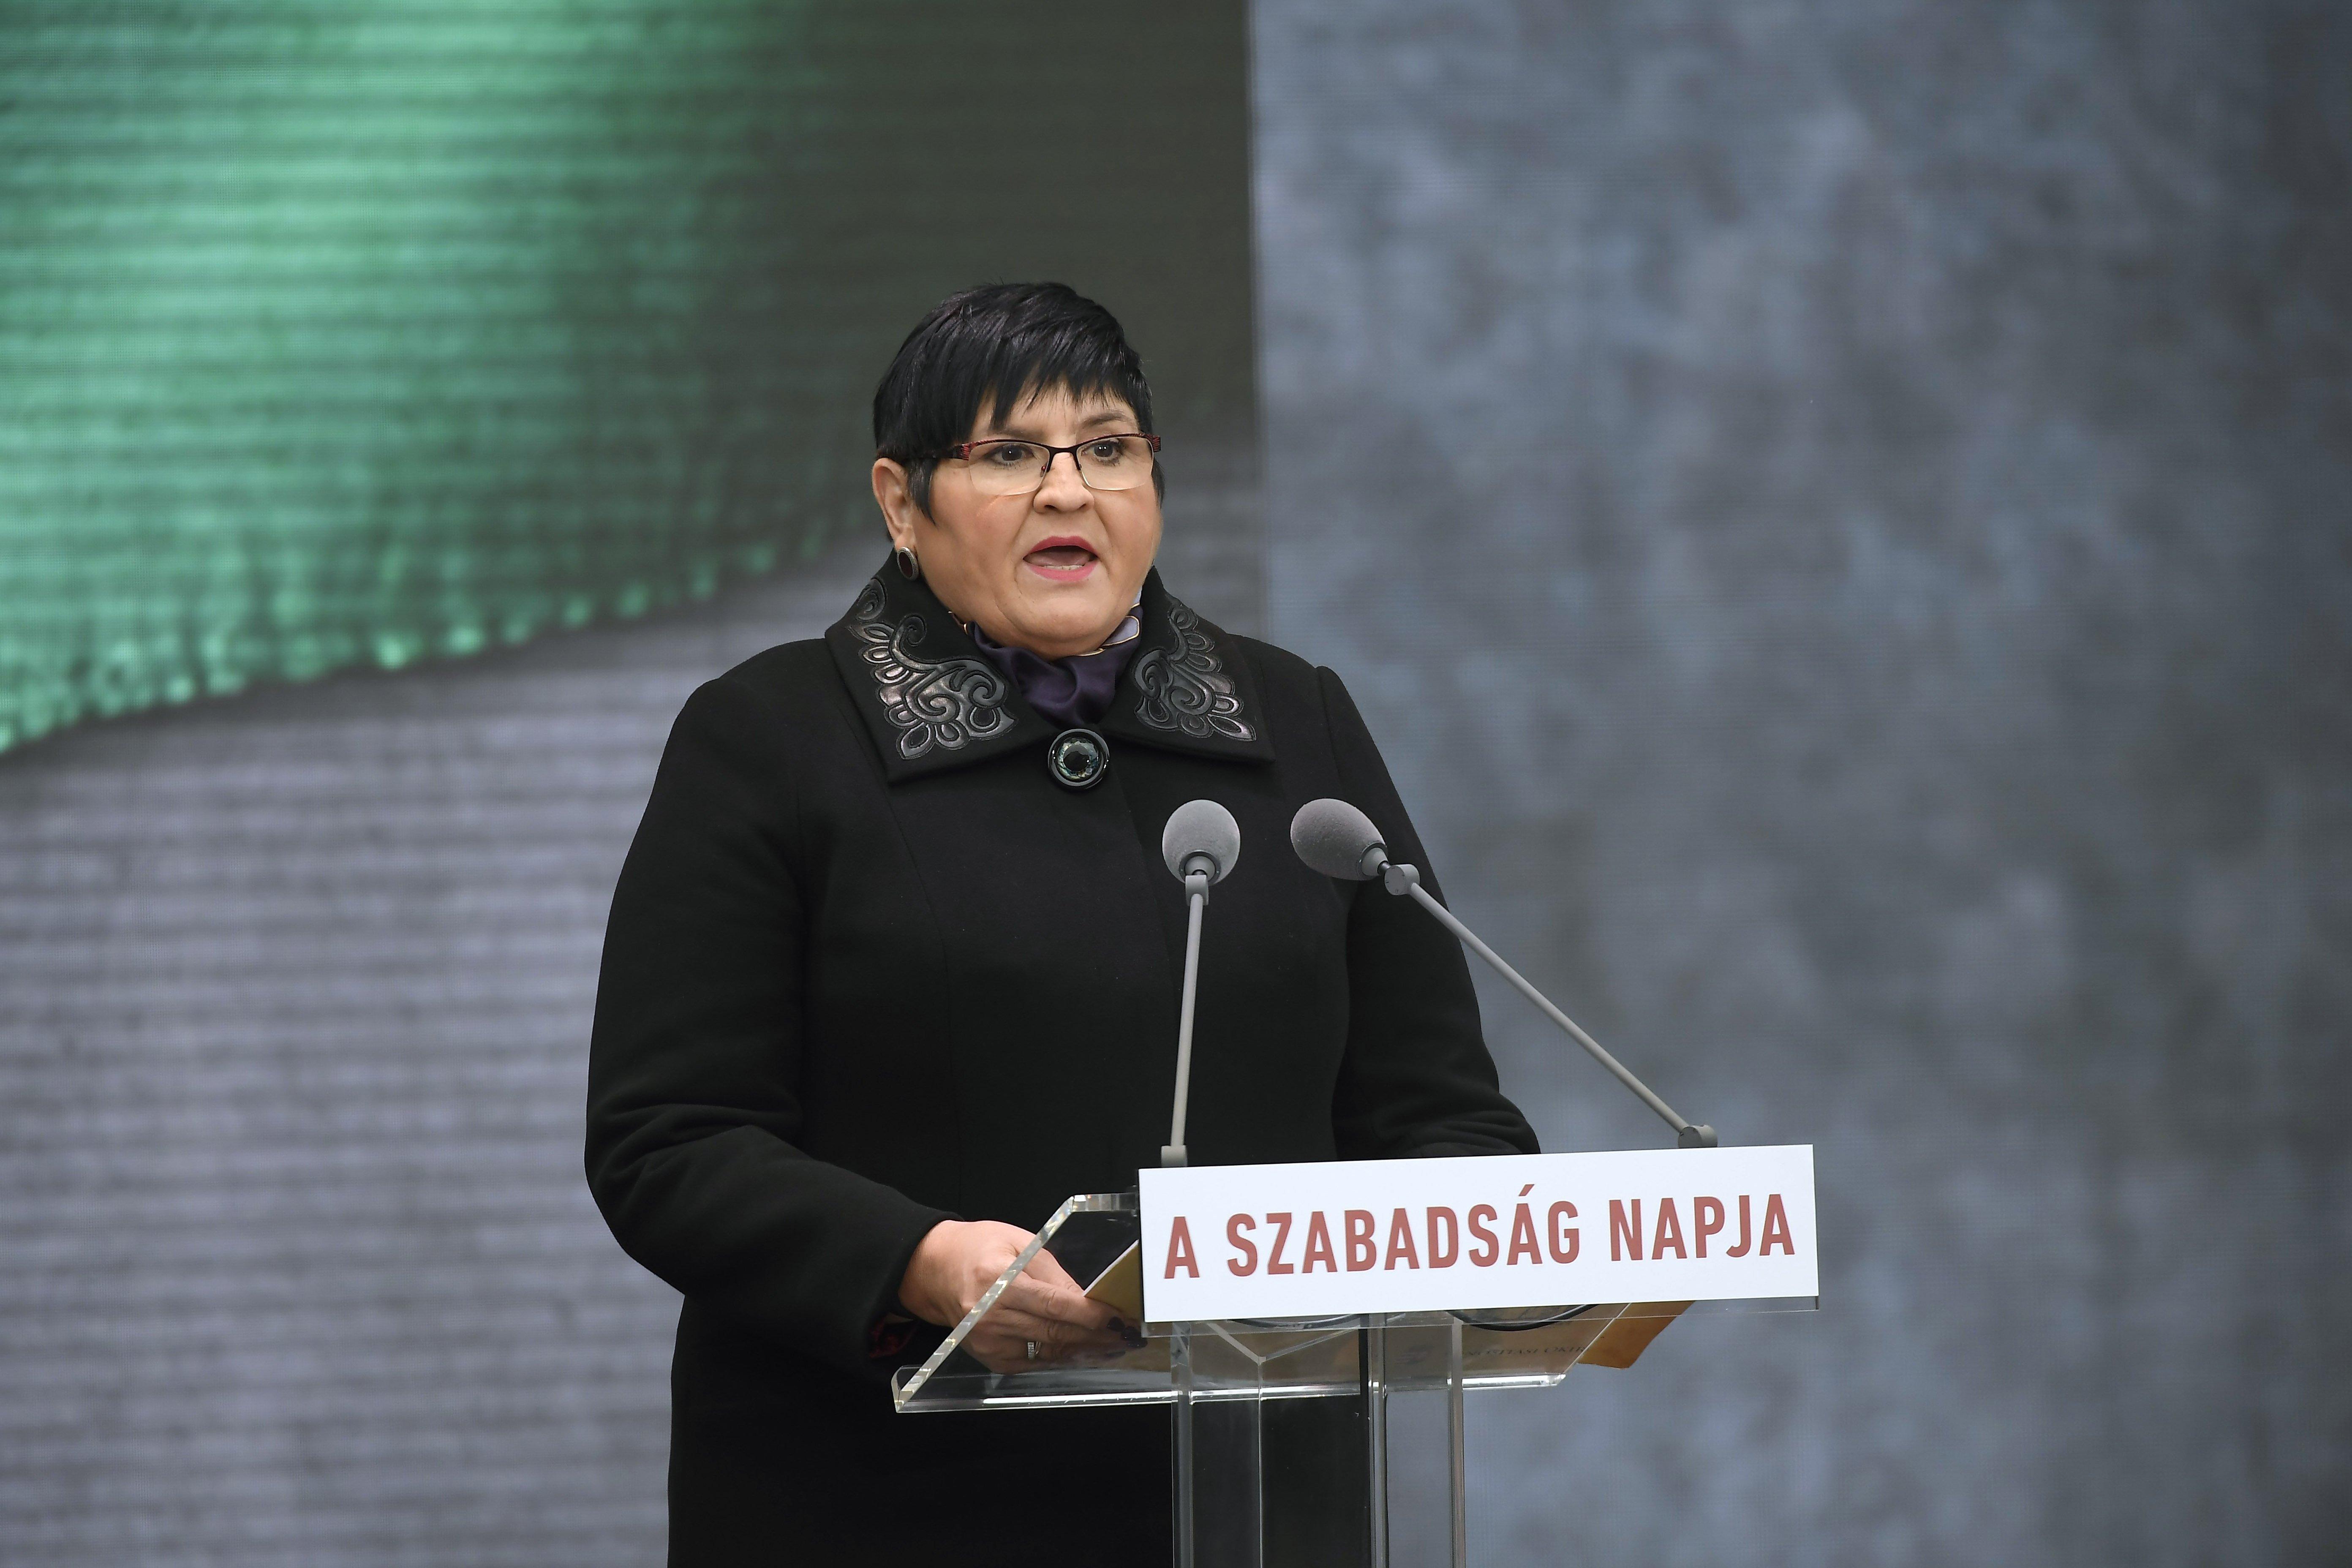 Az ukrán állam nem teremti meg a feltételeit, hogy a magyarok rendesen megtanulhassanak ukránul, mondja a beregszászi magyar főiskola vezetője